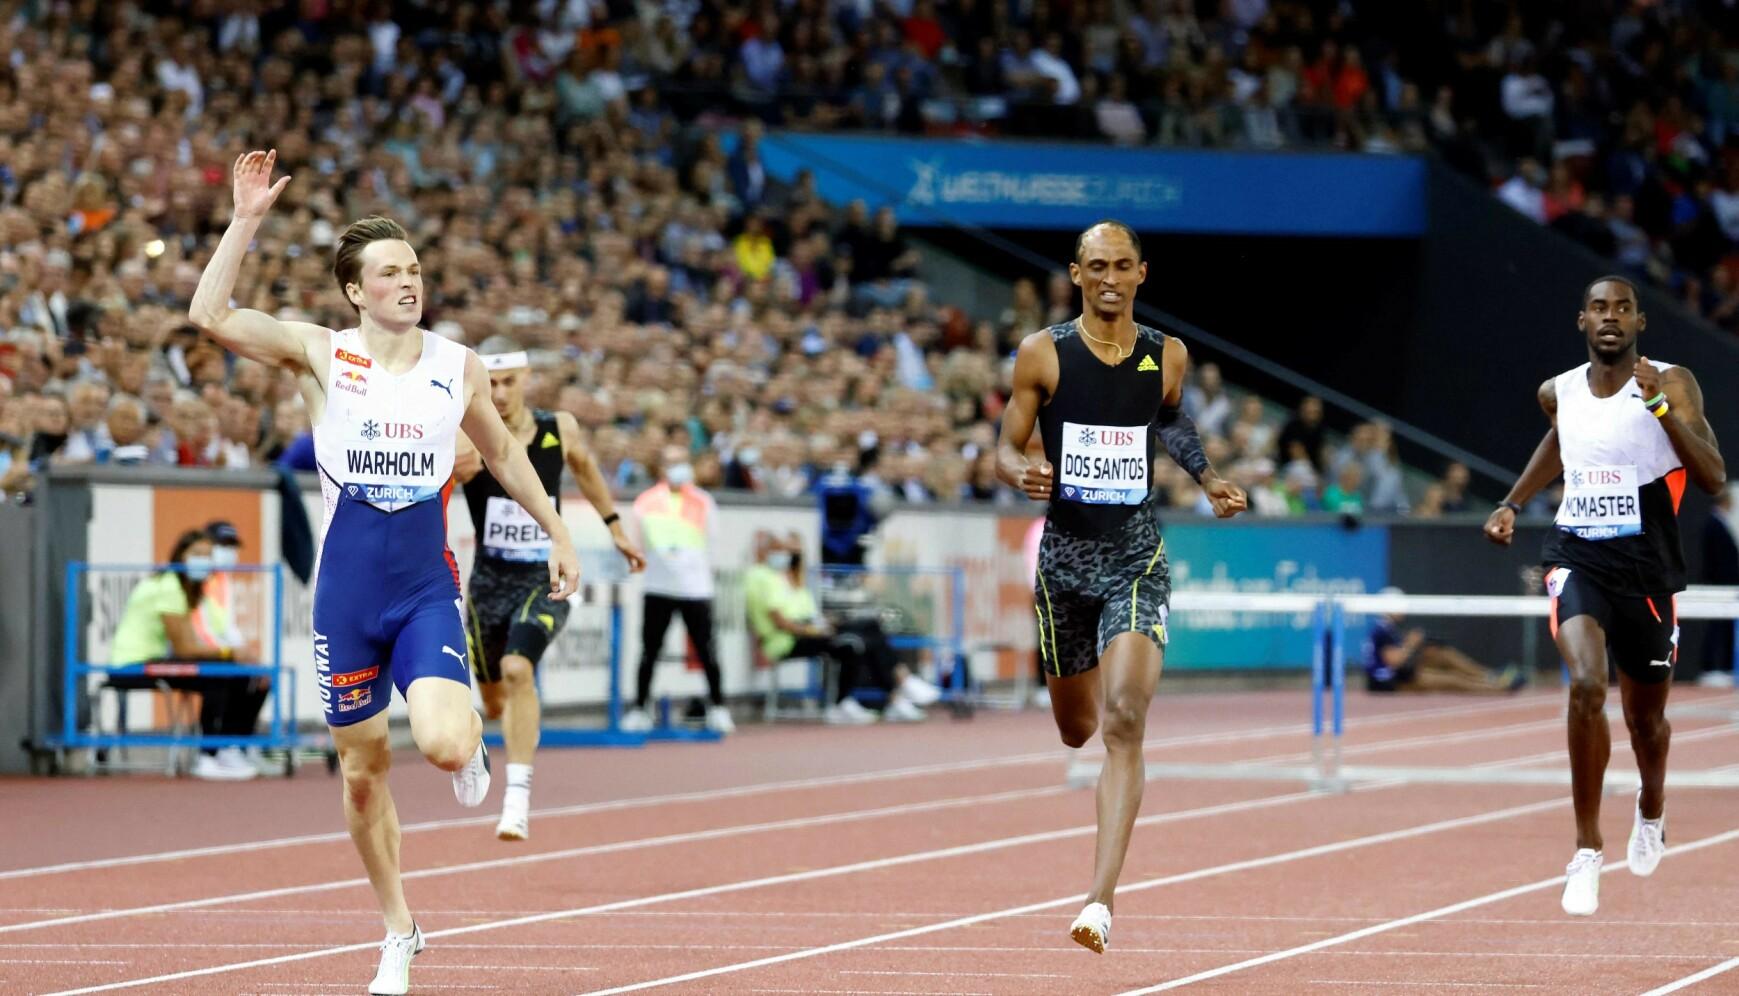 ØYEBLIKKET: Karsten Warholm løper over mållinja foran Dos Santos. Foto: Stefan Wermuth / AFP)